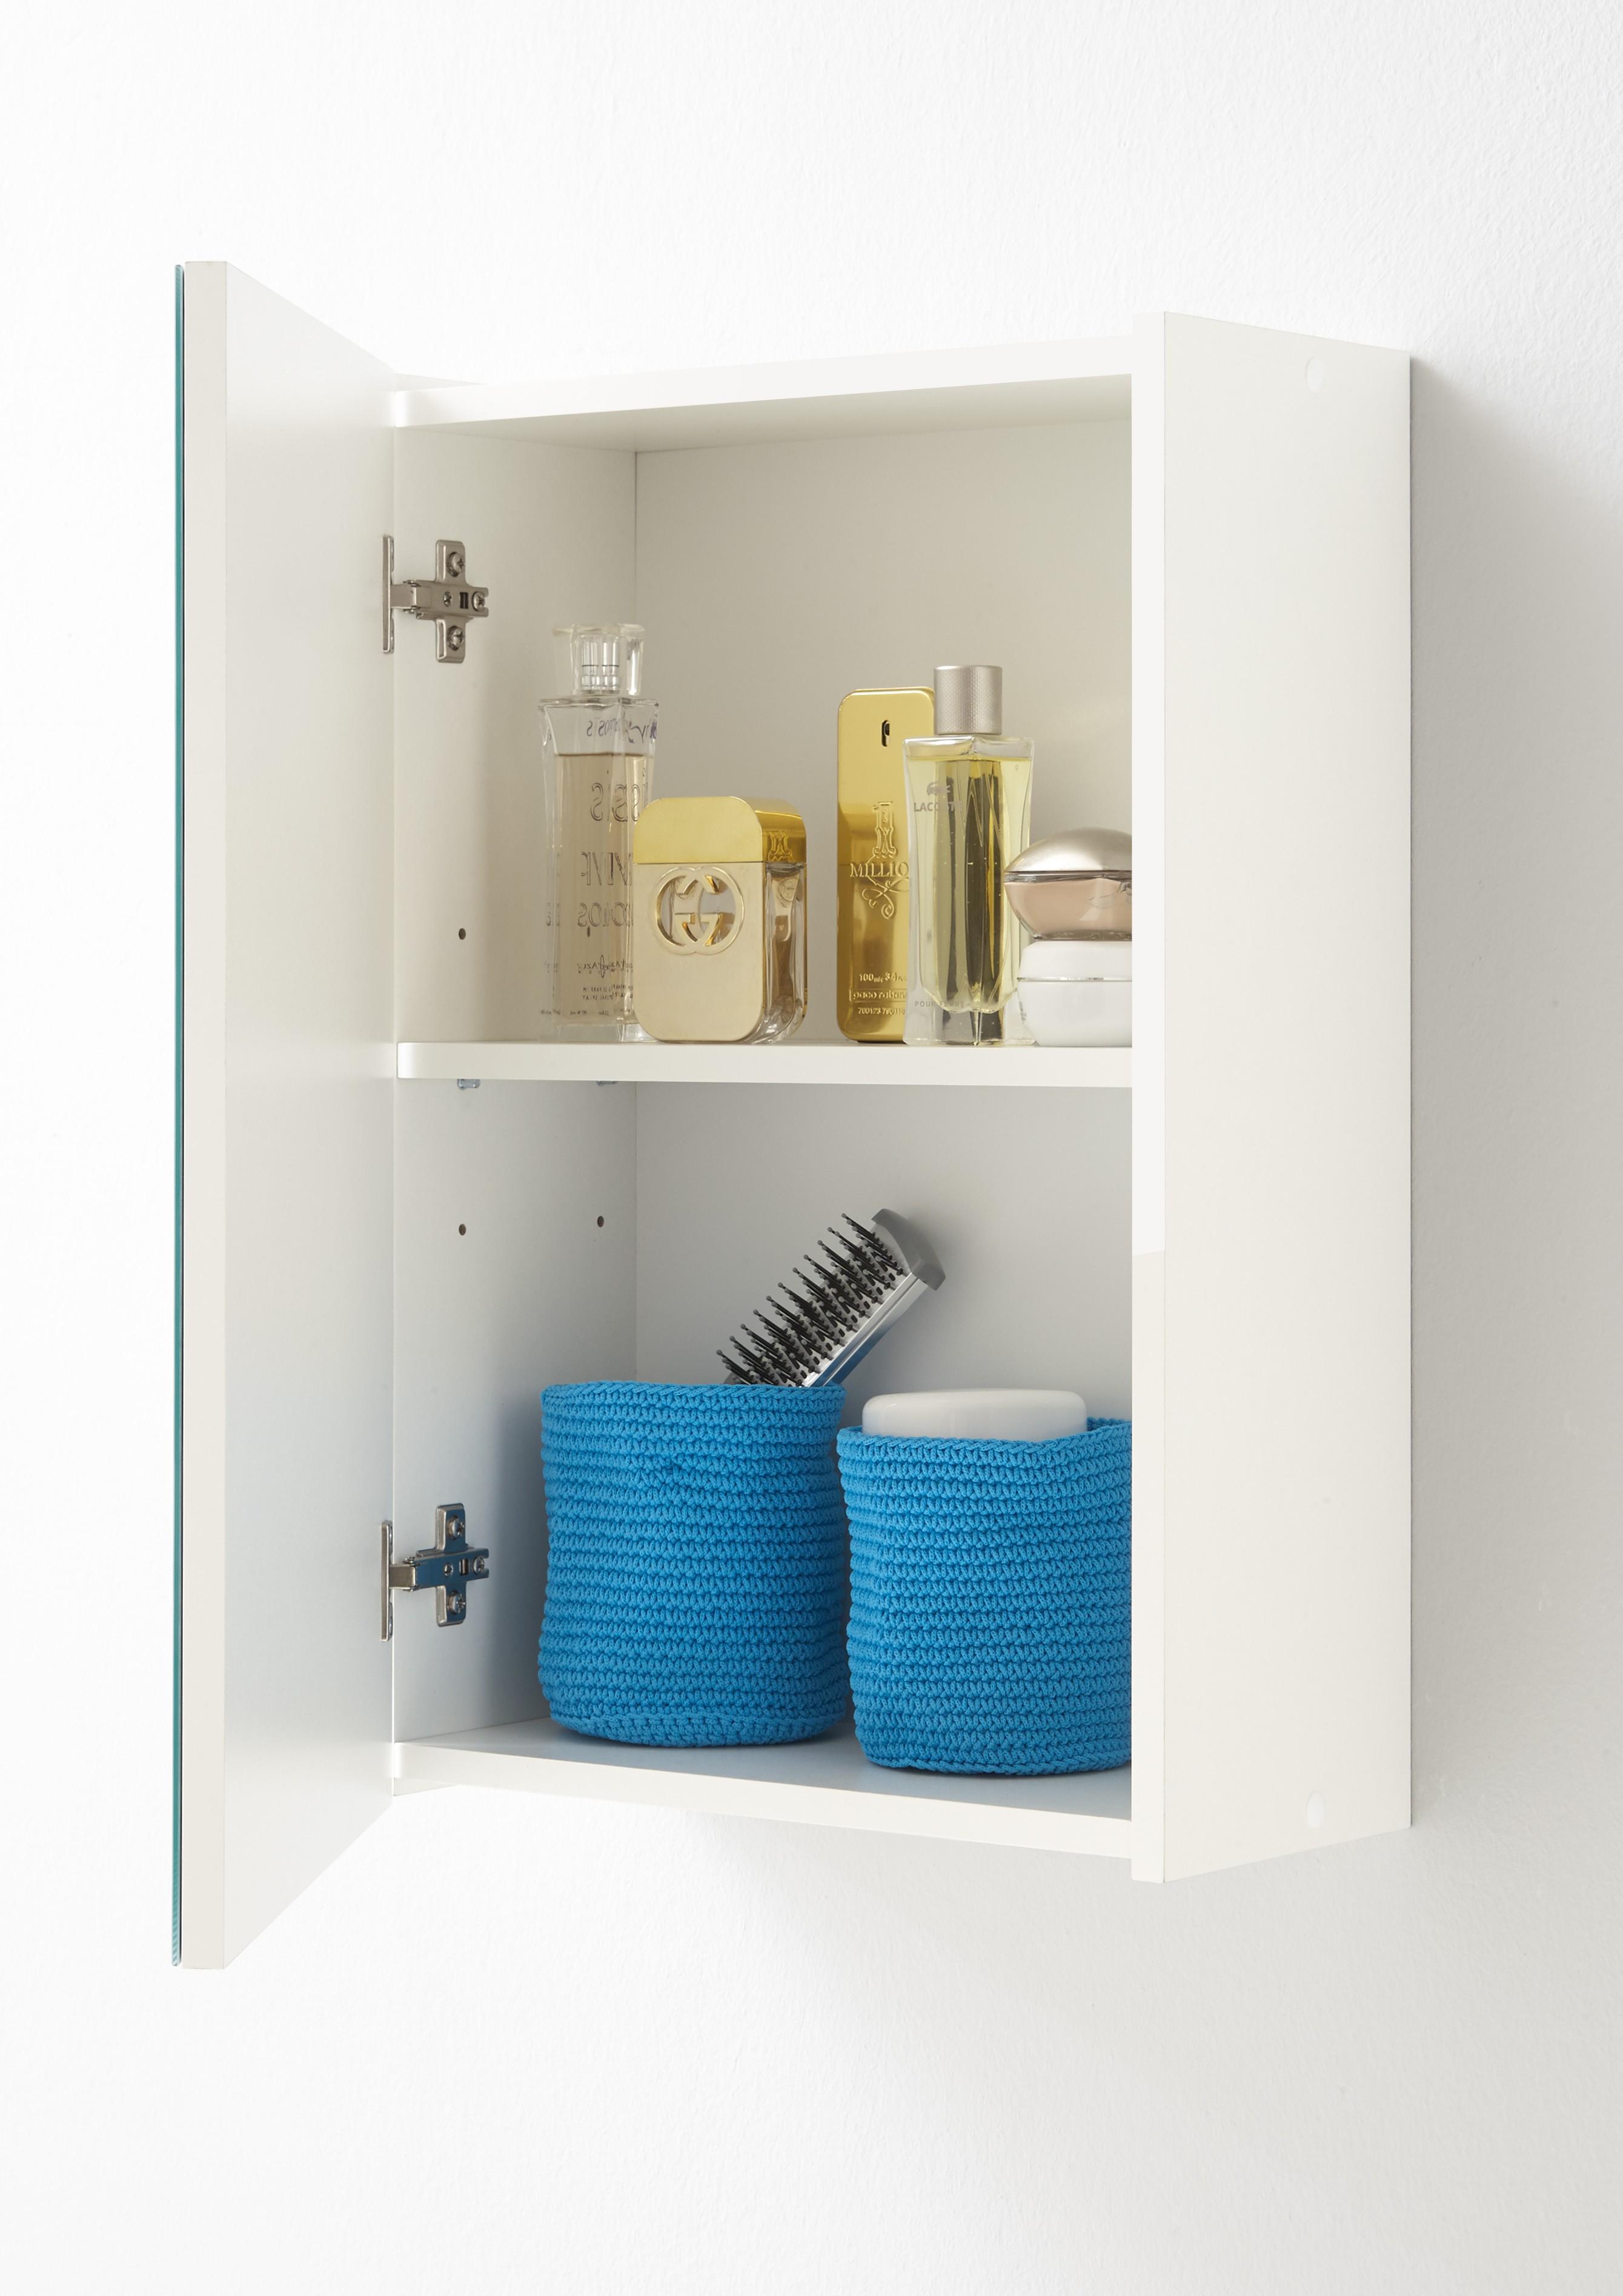 goedkope Badkamerkast Elda inclusief spiegel FMD Wit FMD932-001